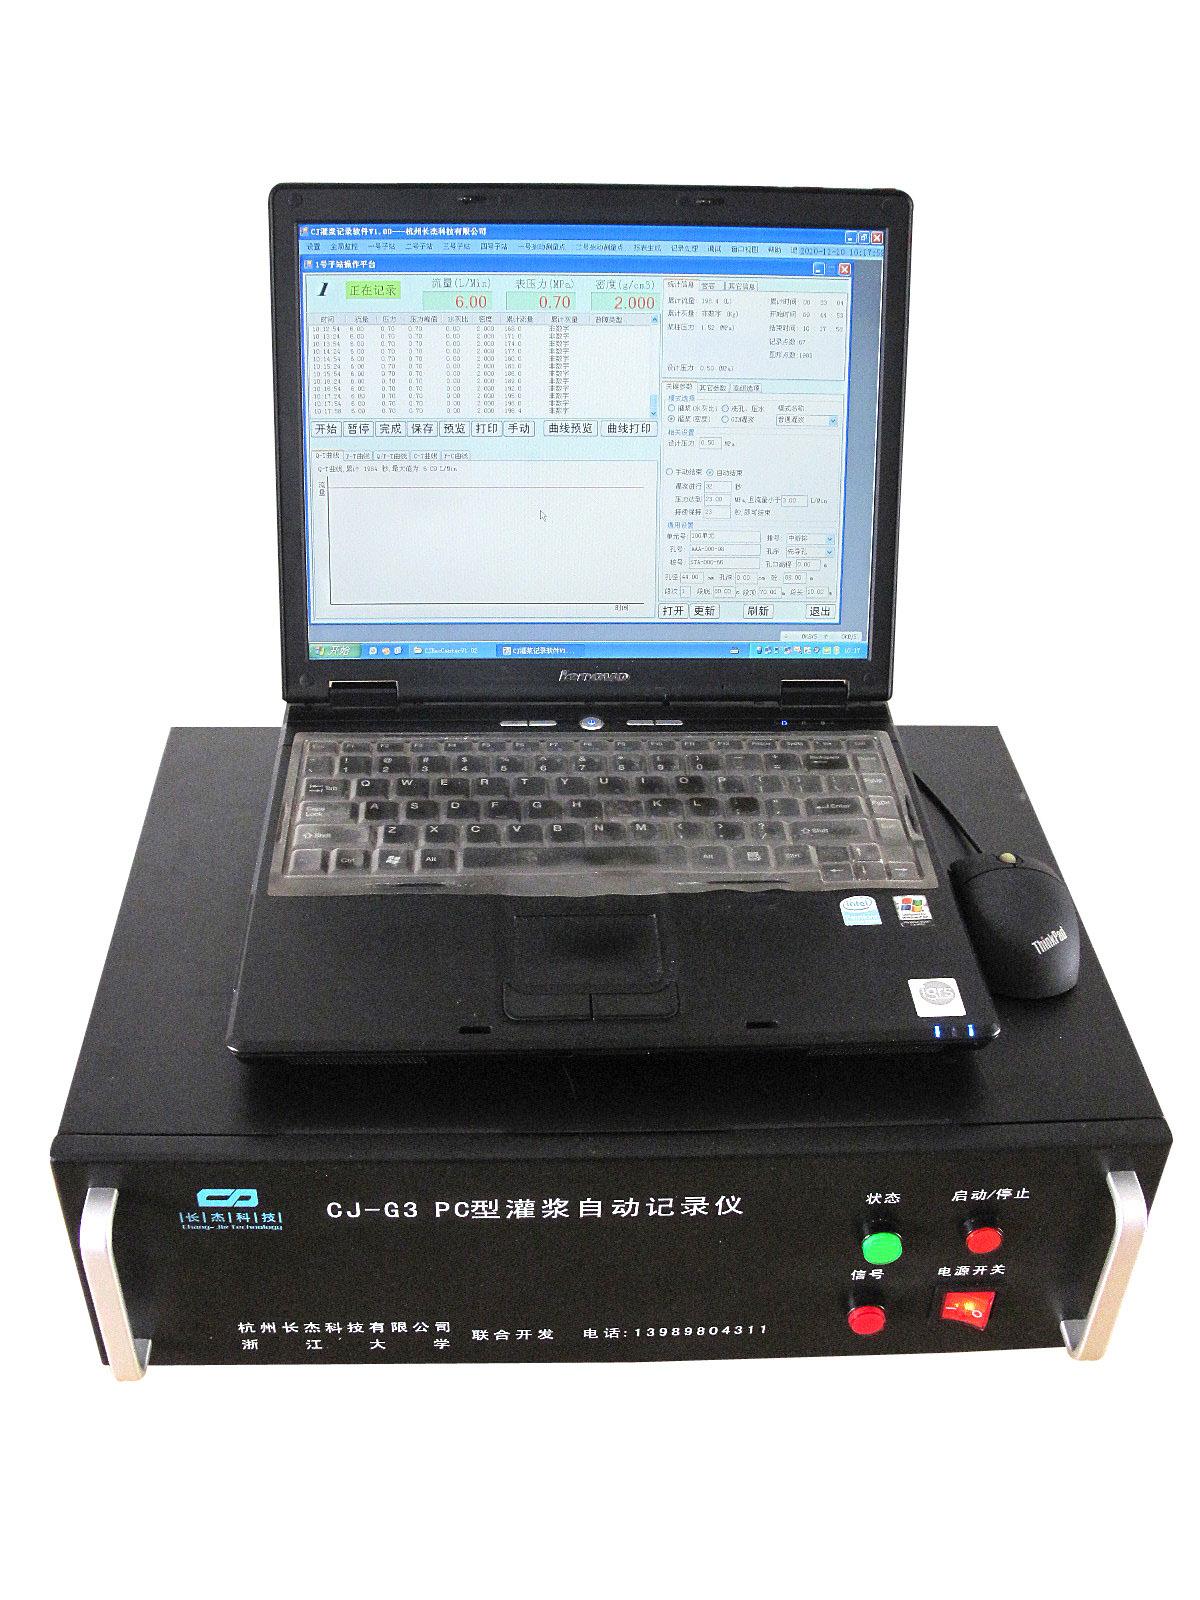 CJ-G3电脑型 灌浆记录仪 实时记录自动储存生成报表